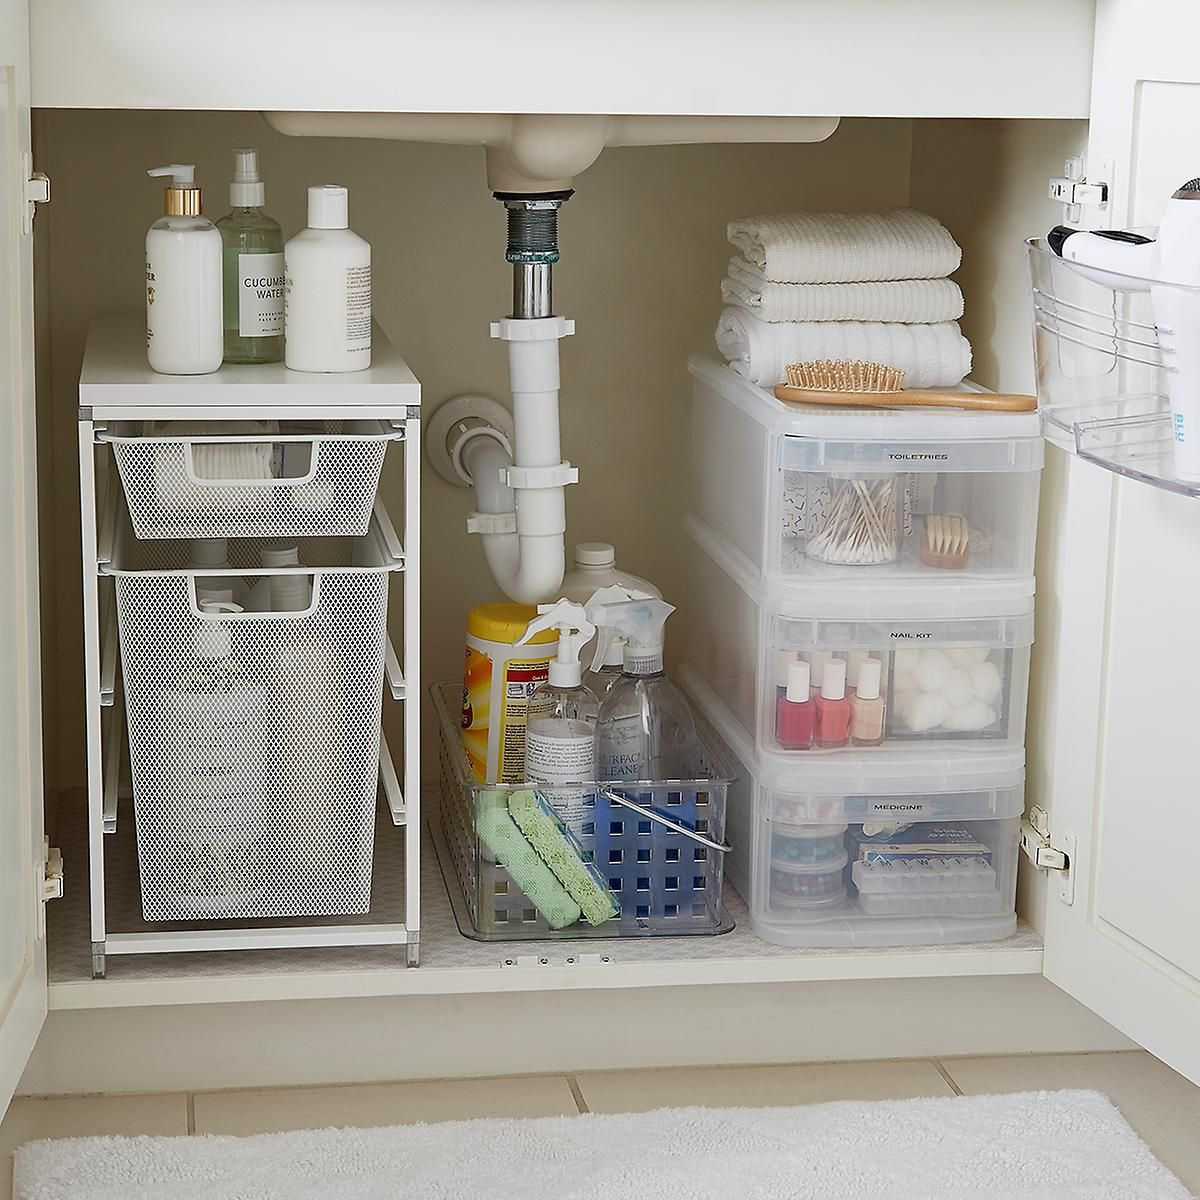 Organize Your Bathroom Sink Area Like A Professional Small Bathroom Storage Small Bathroom Organization Diy Bathroom Storage